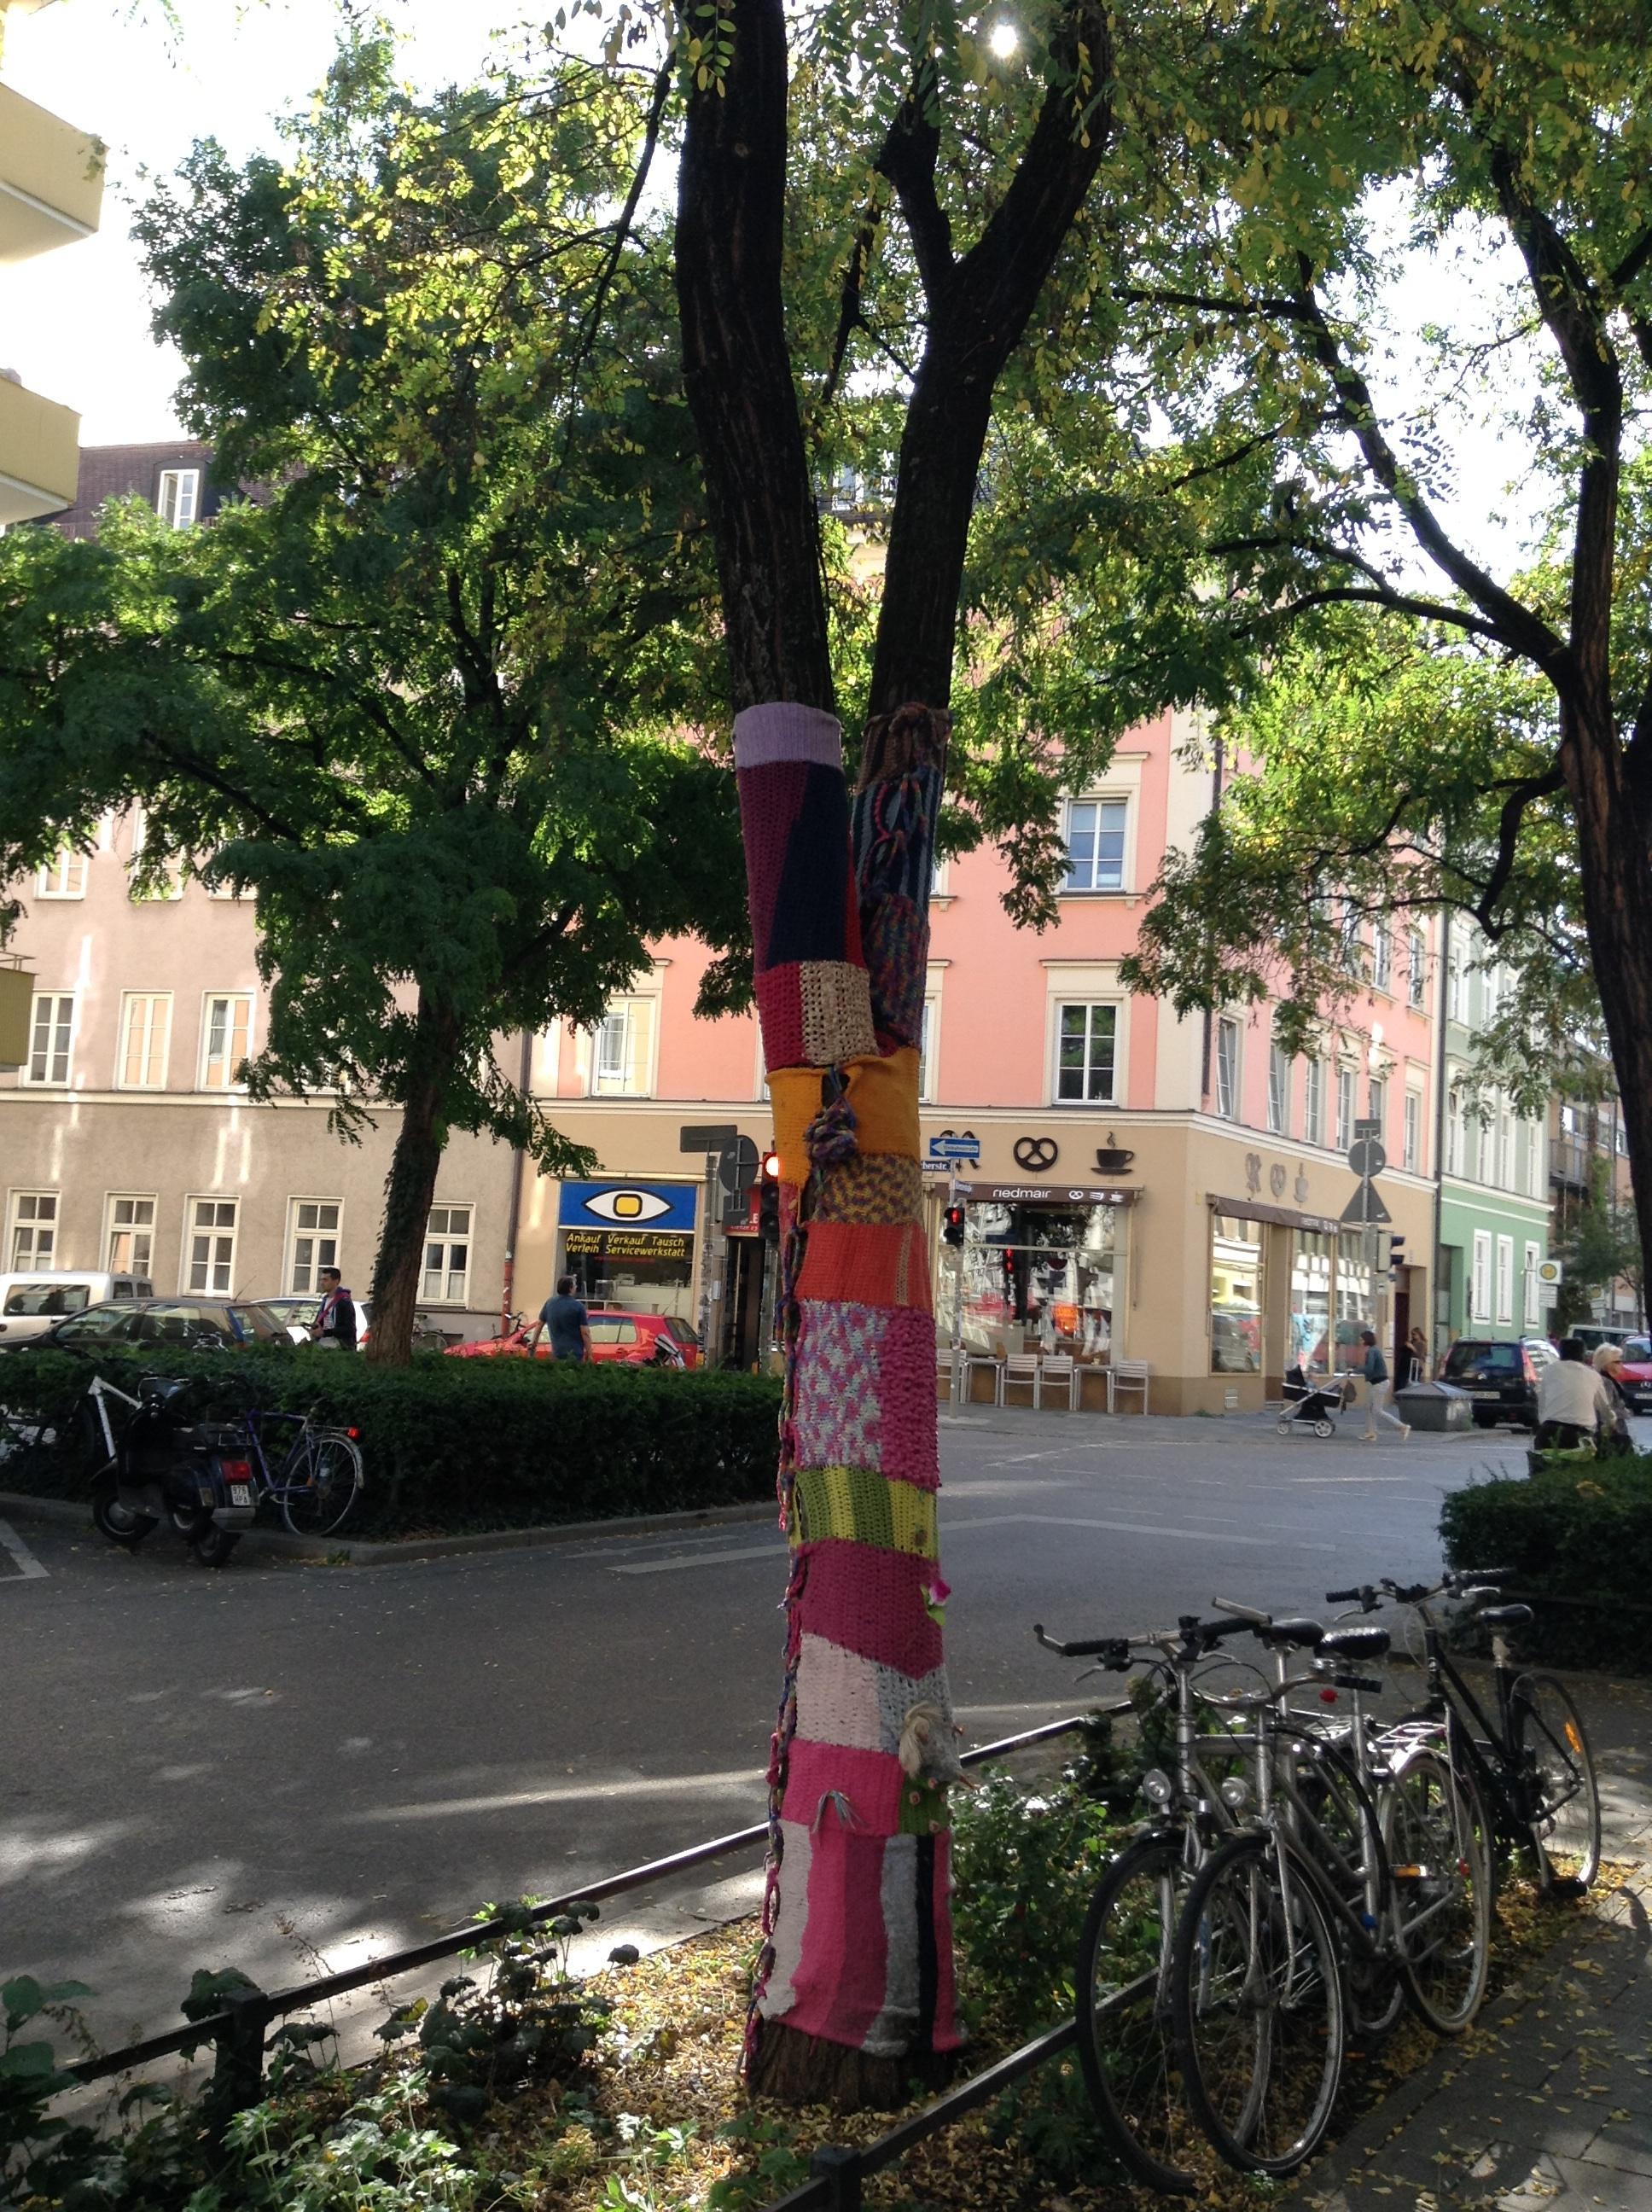 Arbol Munich